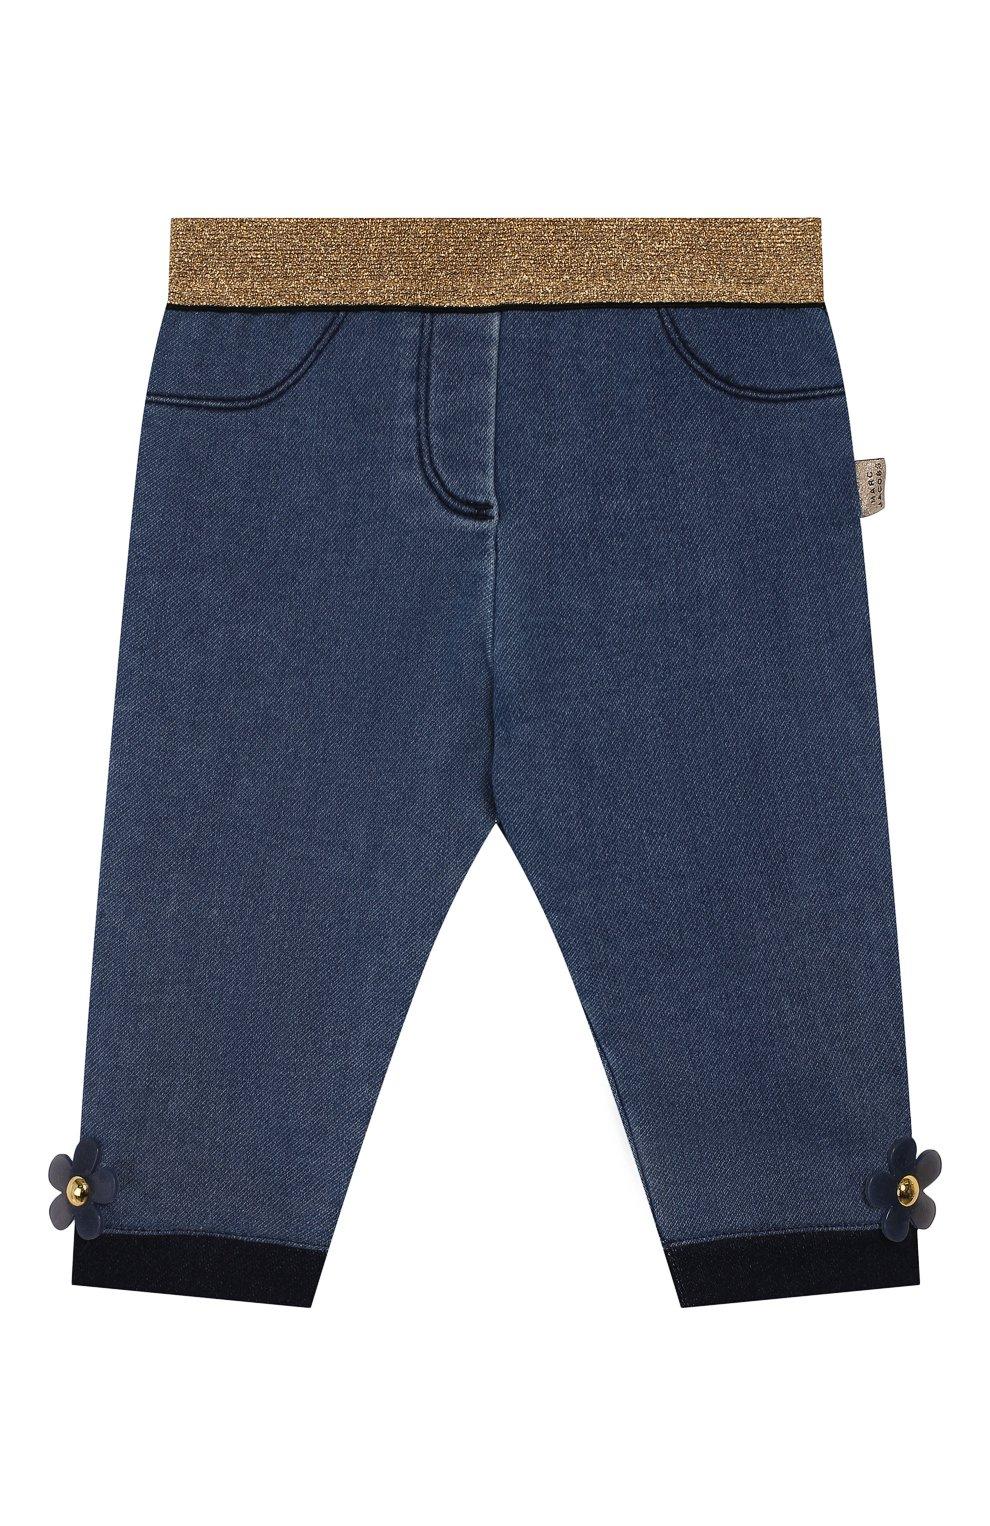 Детские джинсы с эластичным поясом MARC JACOBS (THE) голубого цвета, арт. W04173 | Фото 1